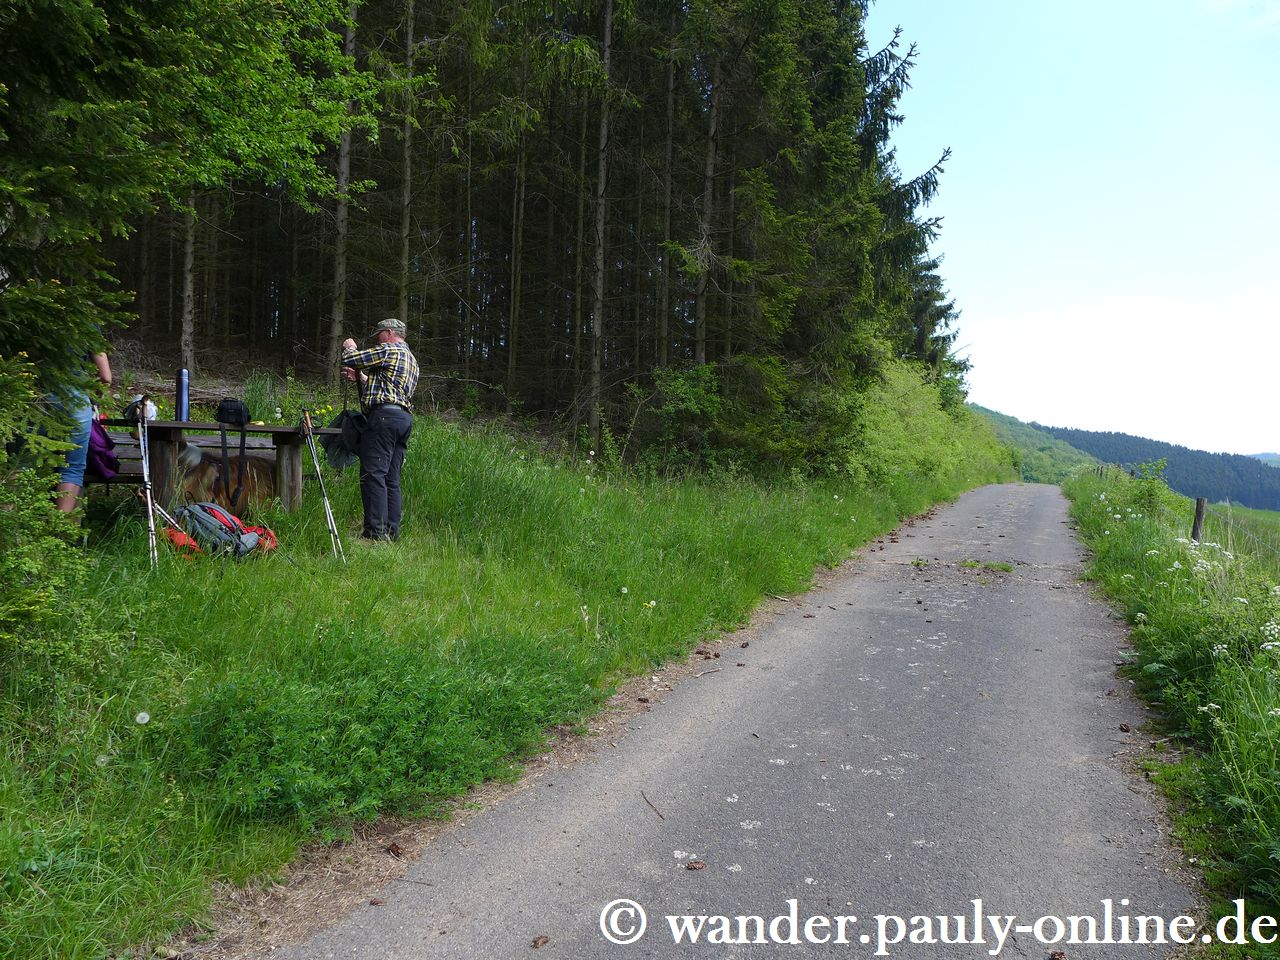 Spurensuche: Kakushöhle, Römerkanal...